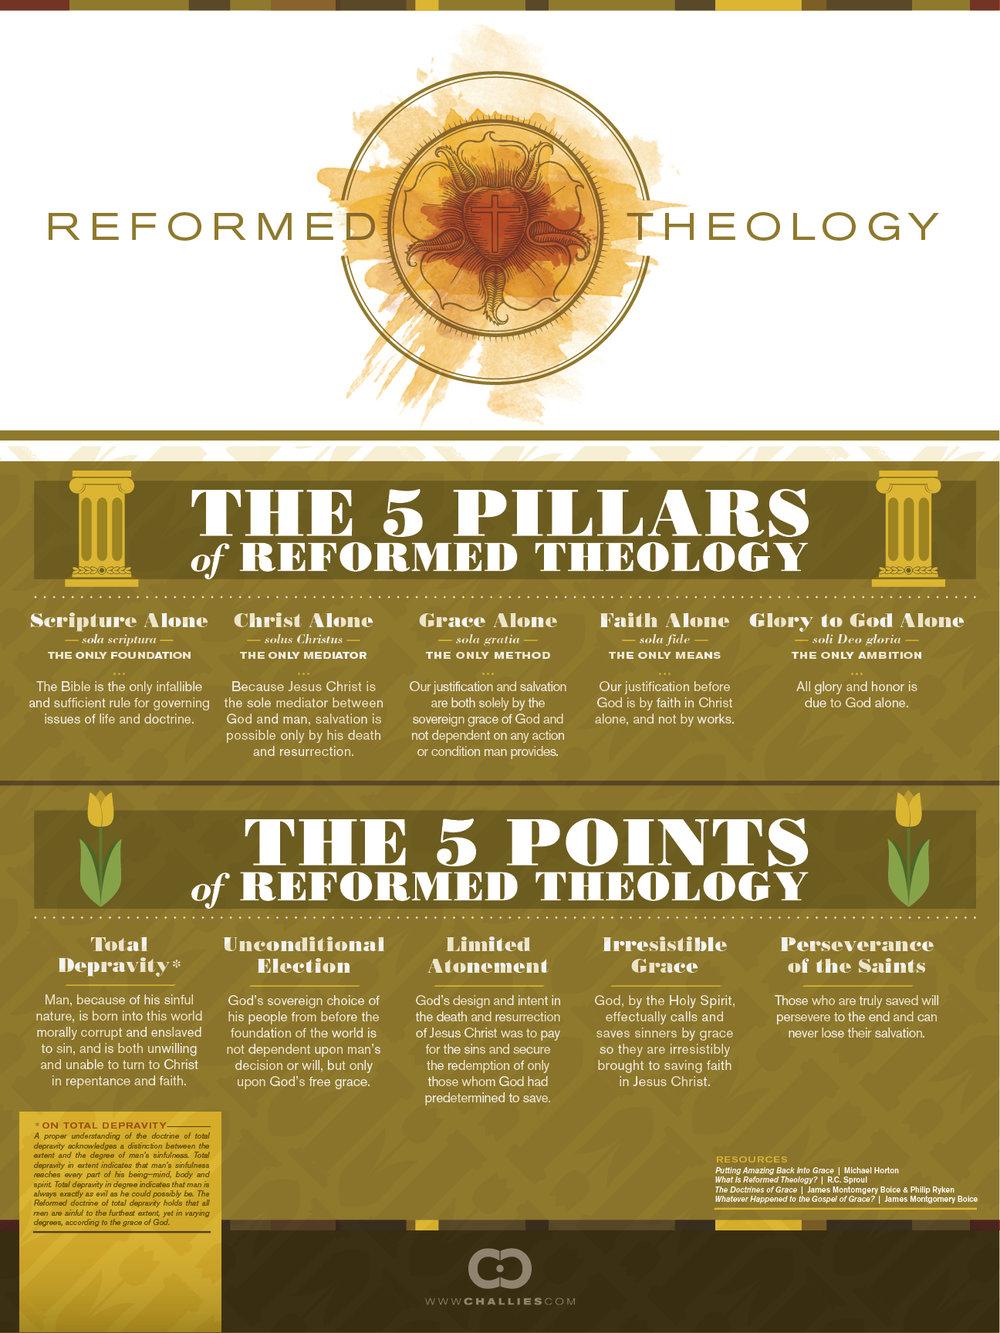 ReformedTheology_lowres.jpg